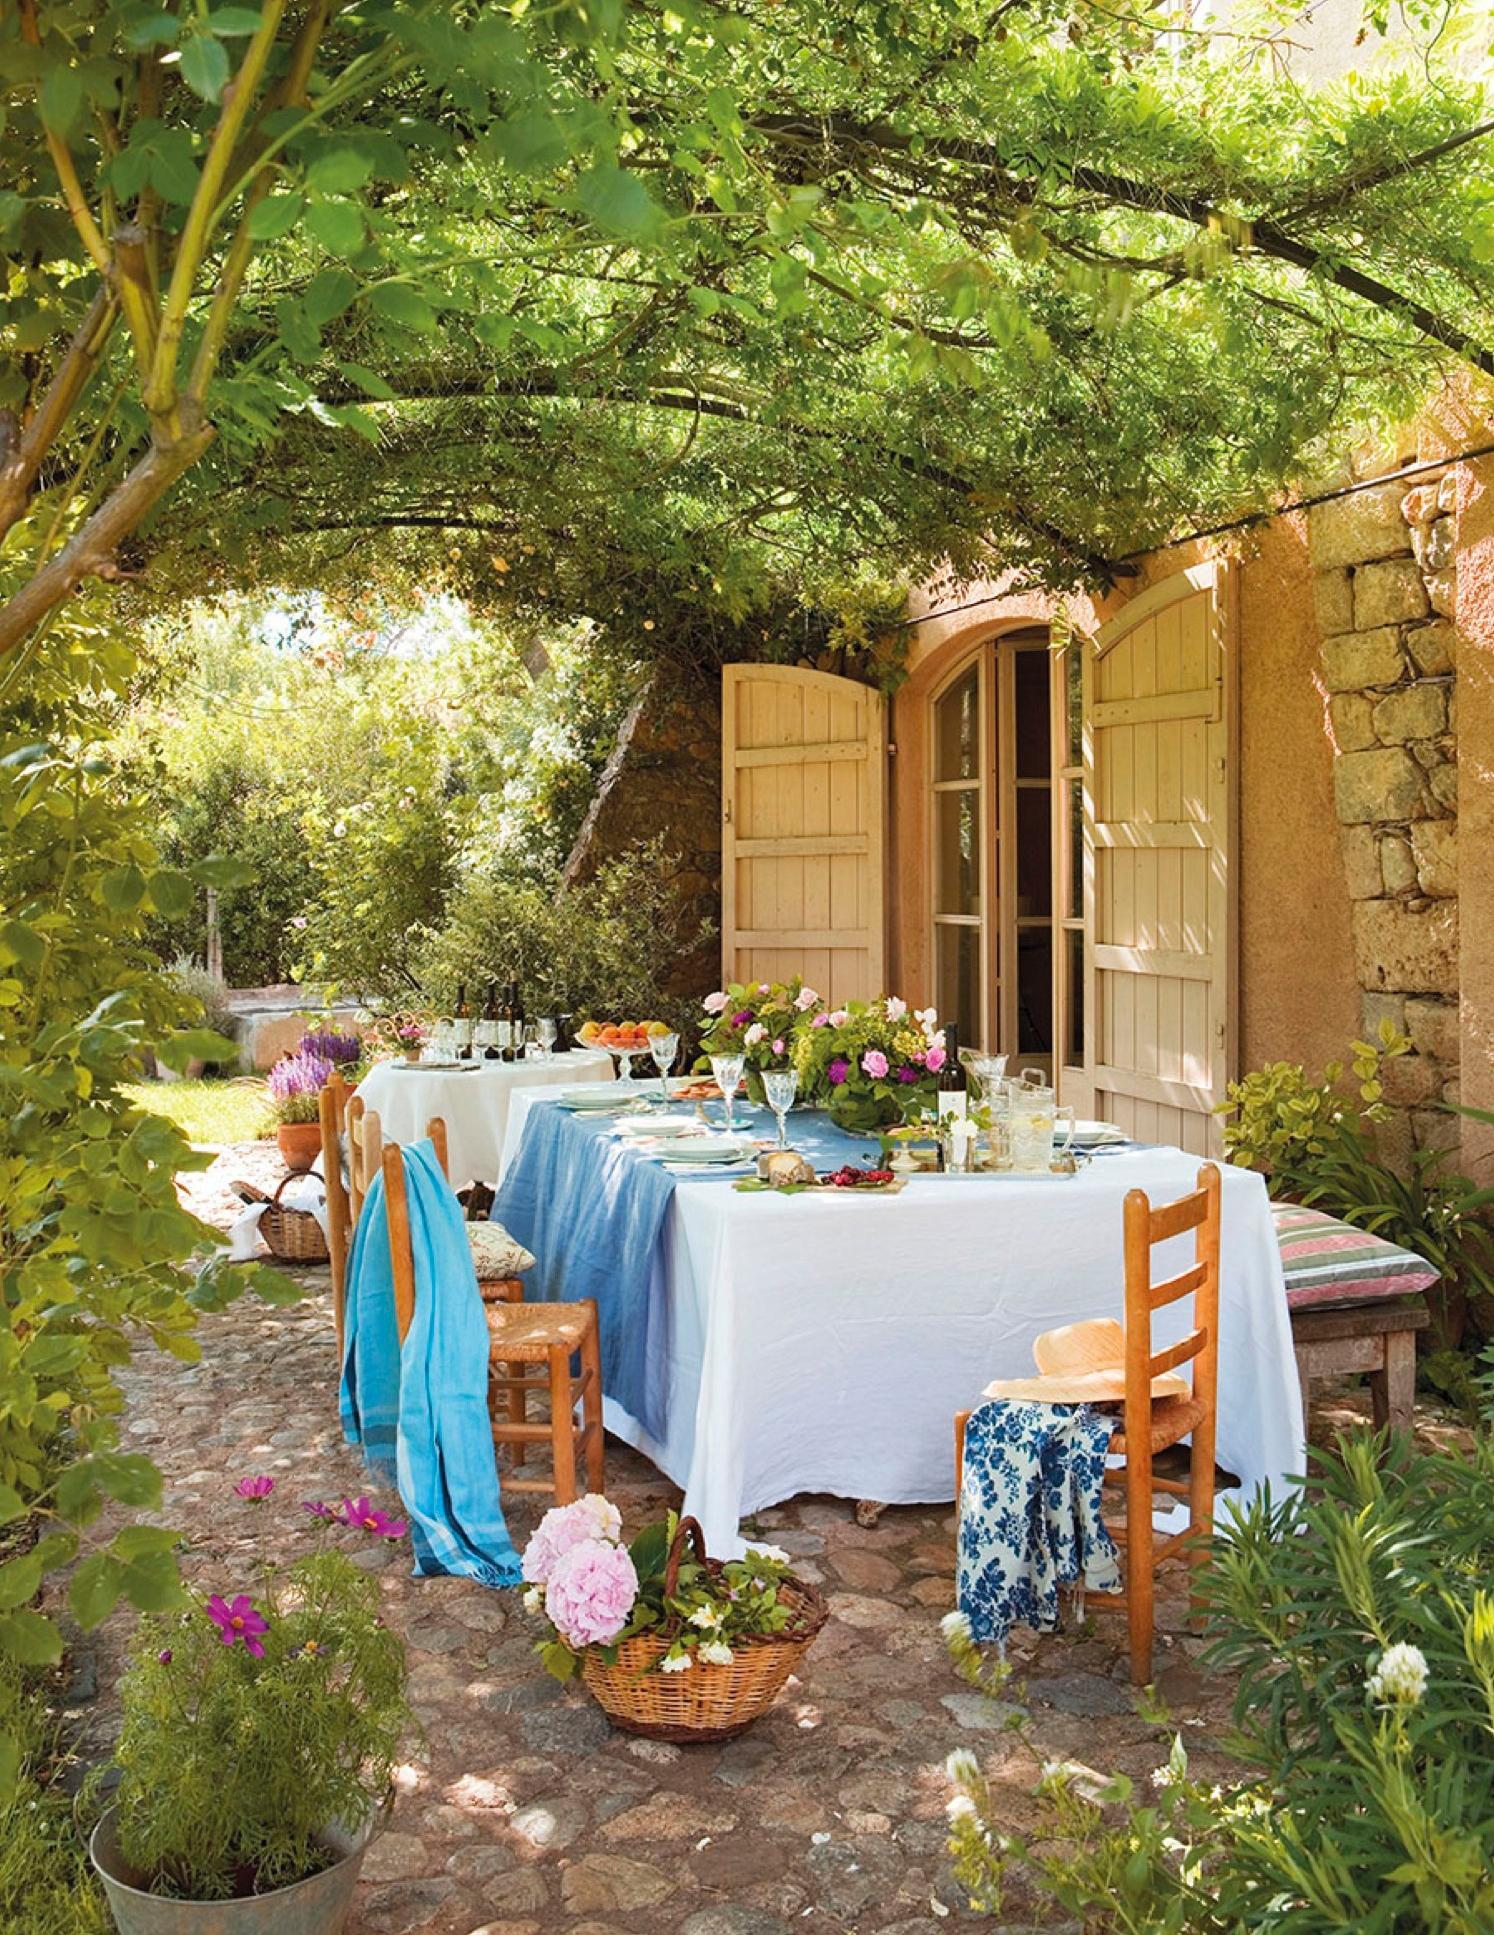 Flores para jardineras exteriores estructura vertical de madera con espacios para colocar - Plantas para jardineras exteriores ...